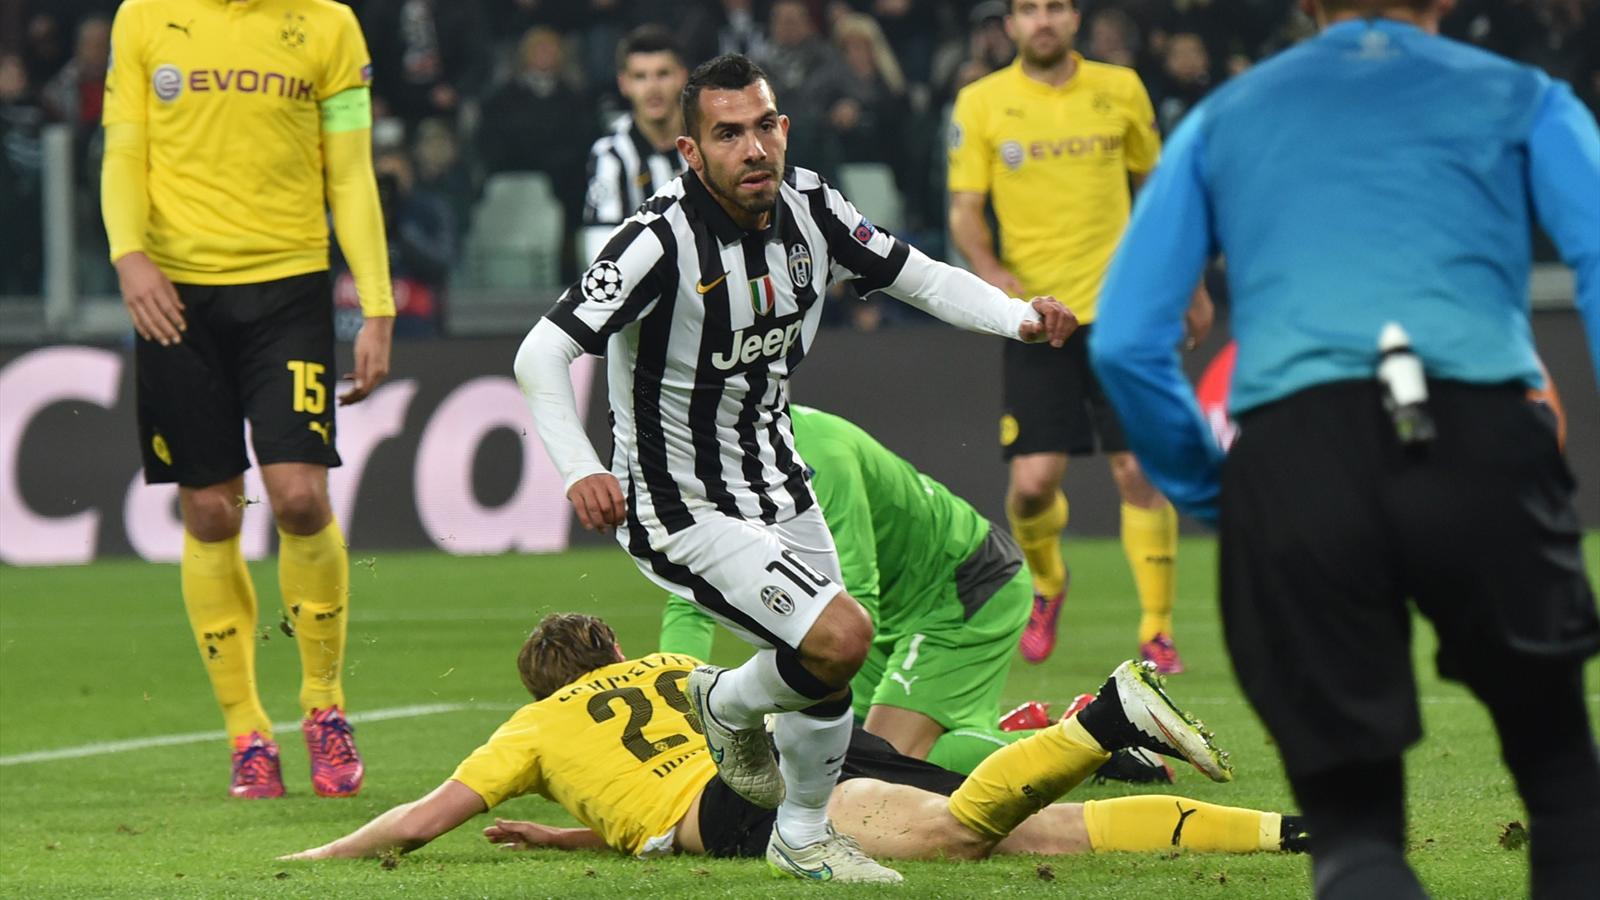 La Juventus busca sentenciar el campeonato italiano ante la Roma